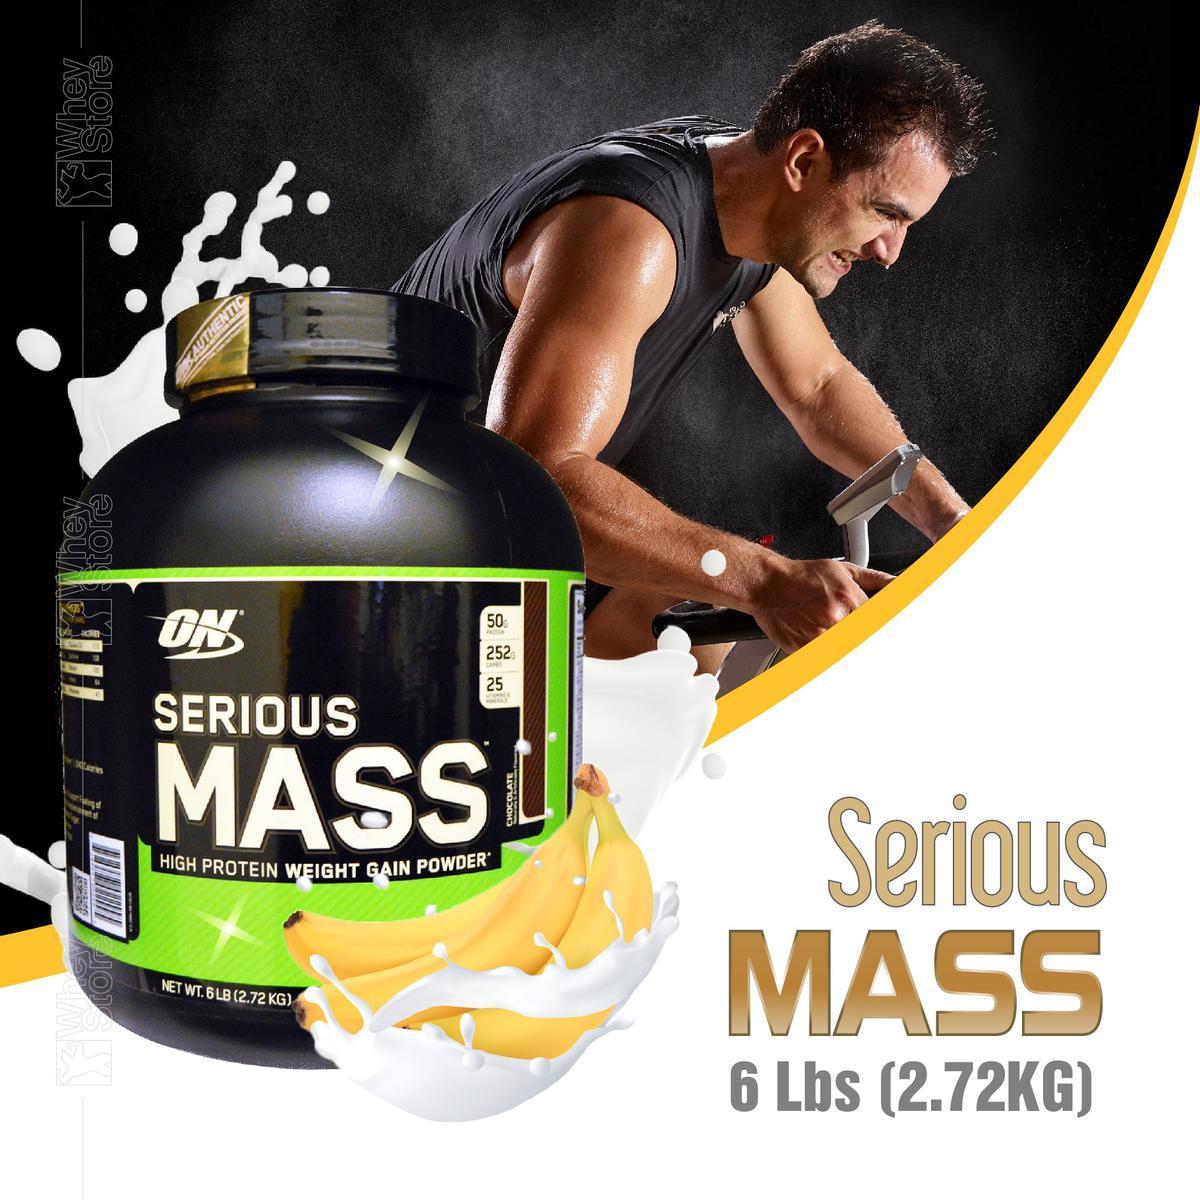 SERIOUS MASS 6 LBS (2.72KG) CHOCOLET nhập khẩu